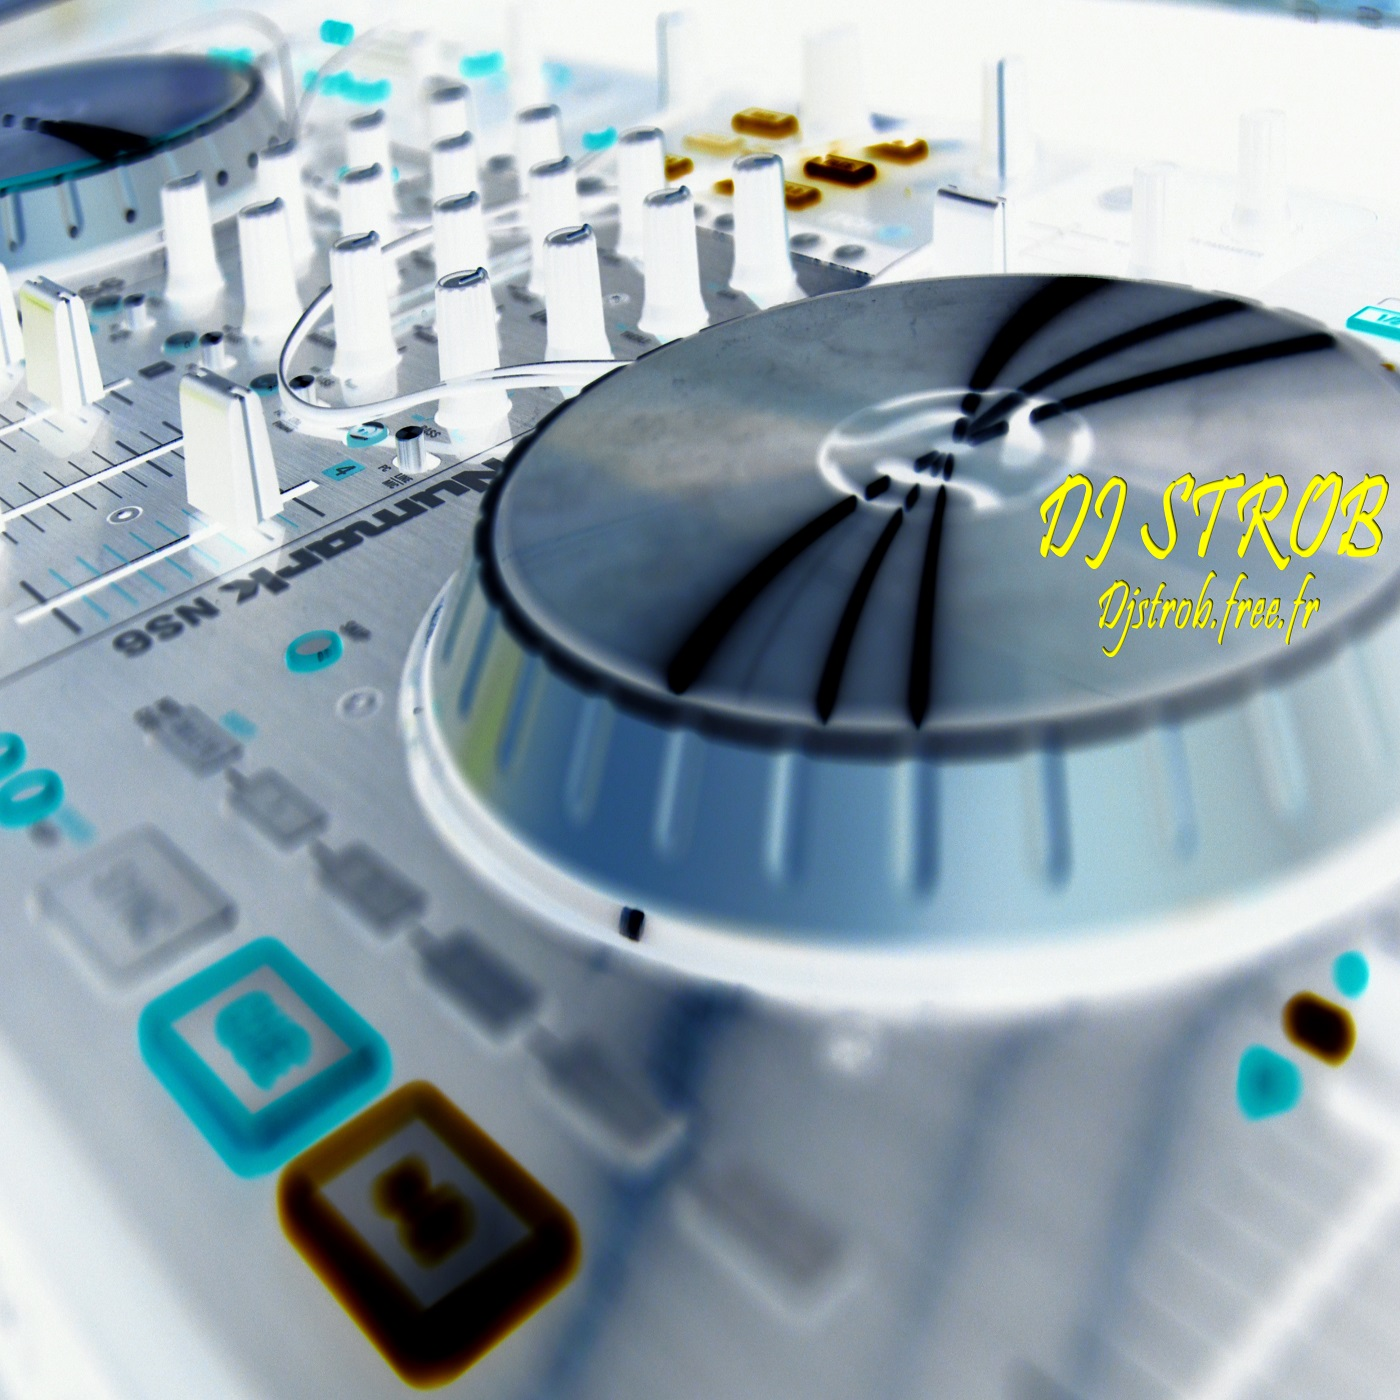 Le Podcast Officiel de Dj Strob